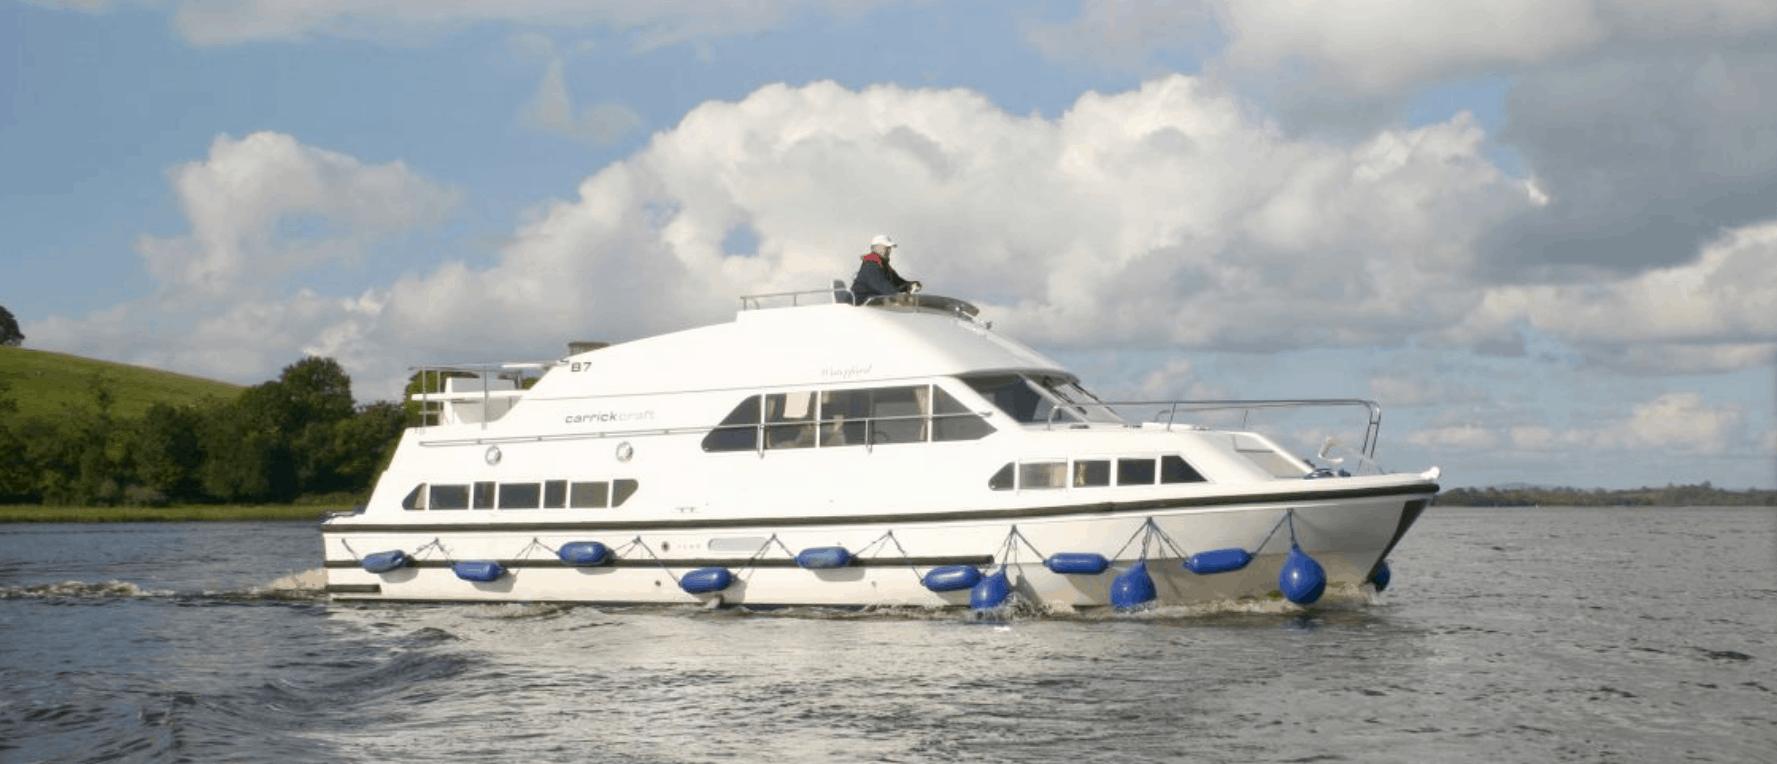 Hausboot Irland Reise